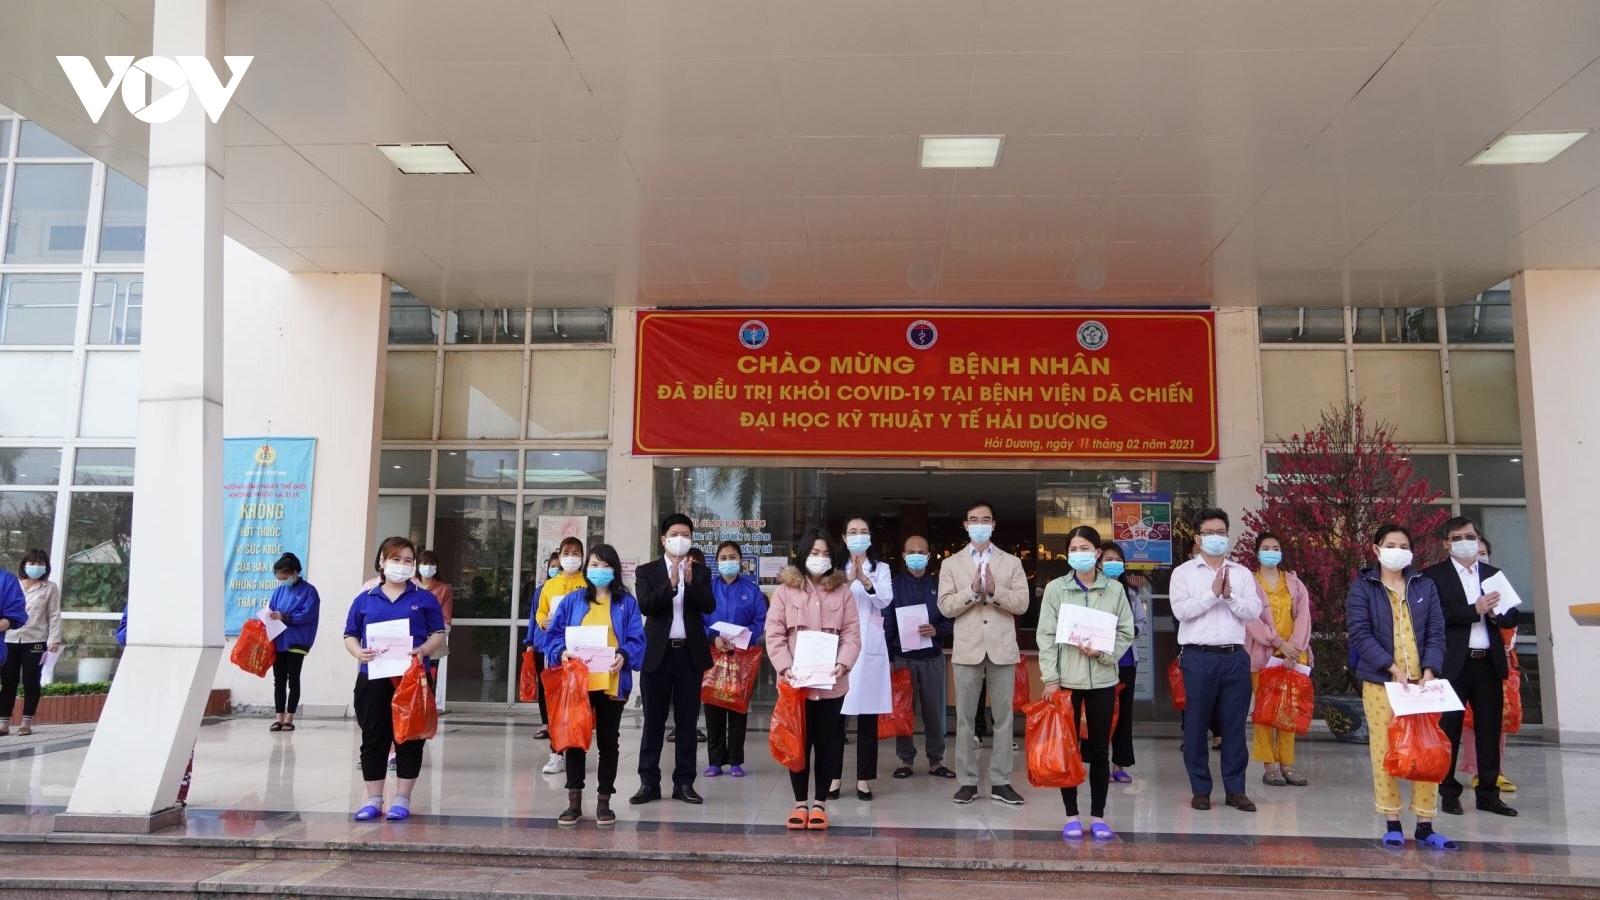 Nhiều bệnh nhân Covid-19 và F1 tại Hải Dương, Quảng Ninh được về nhà đón Tết